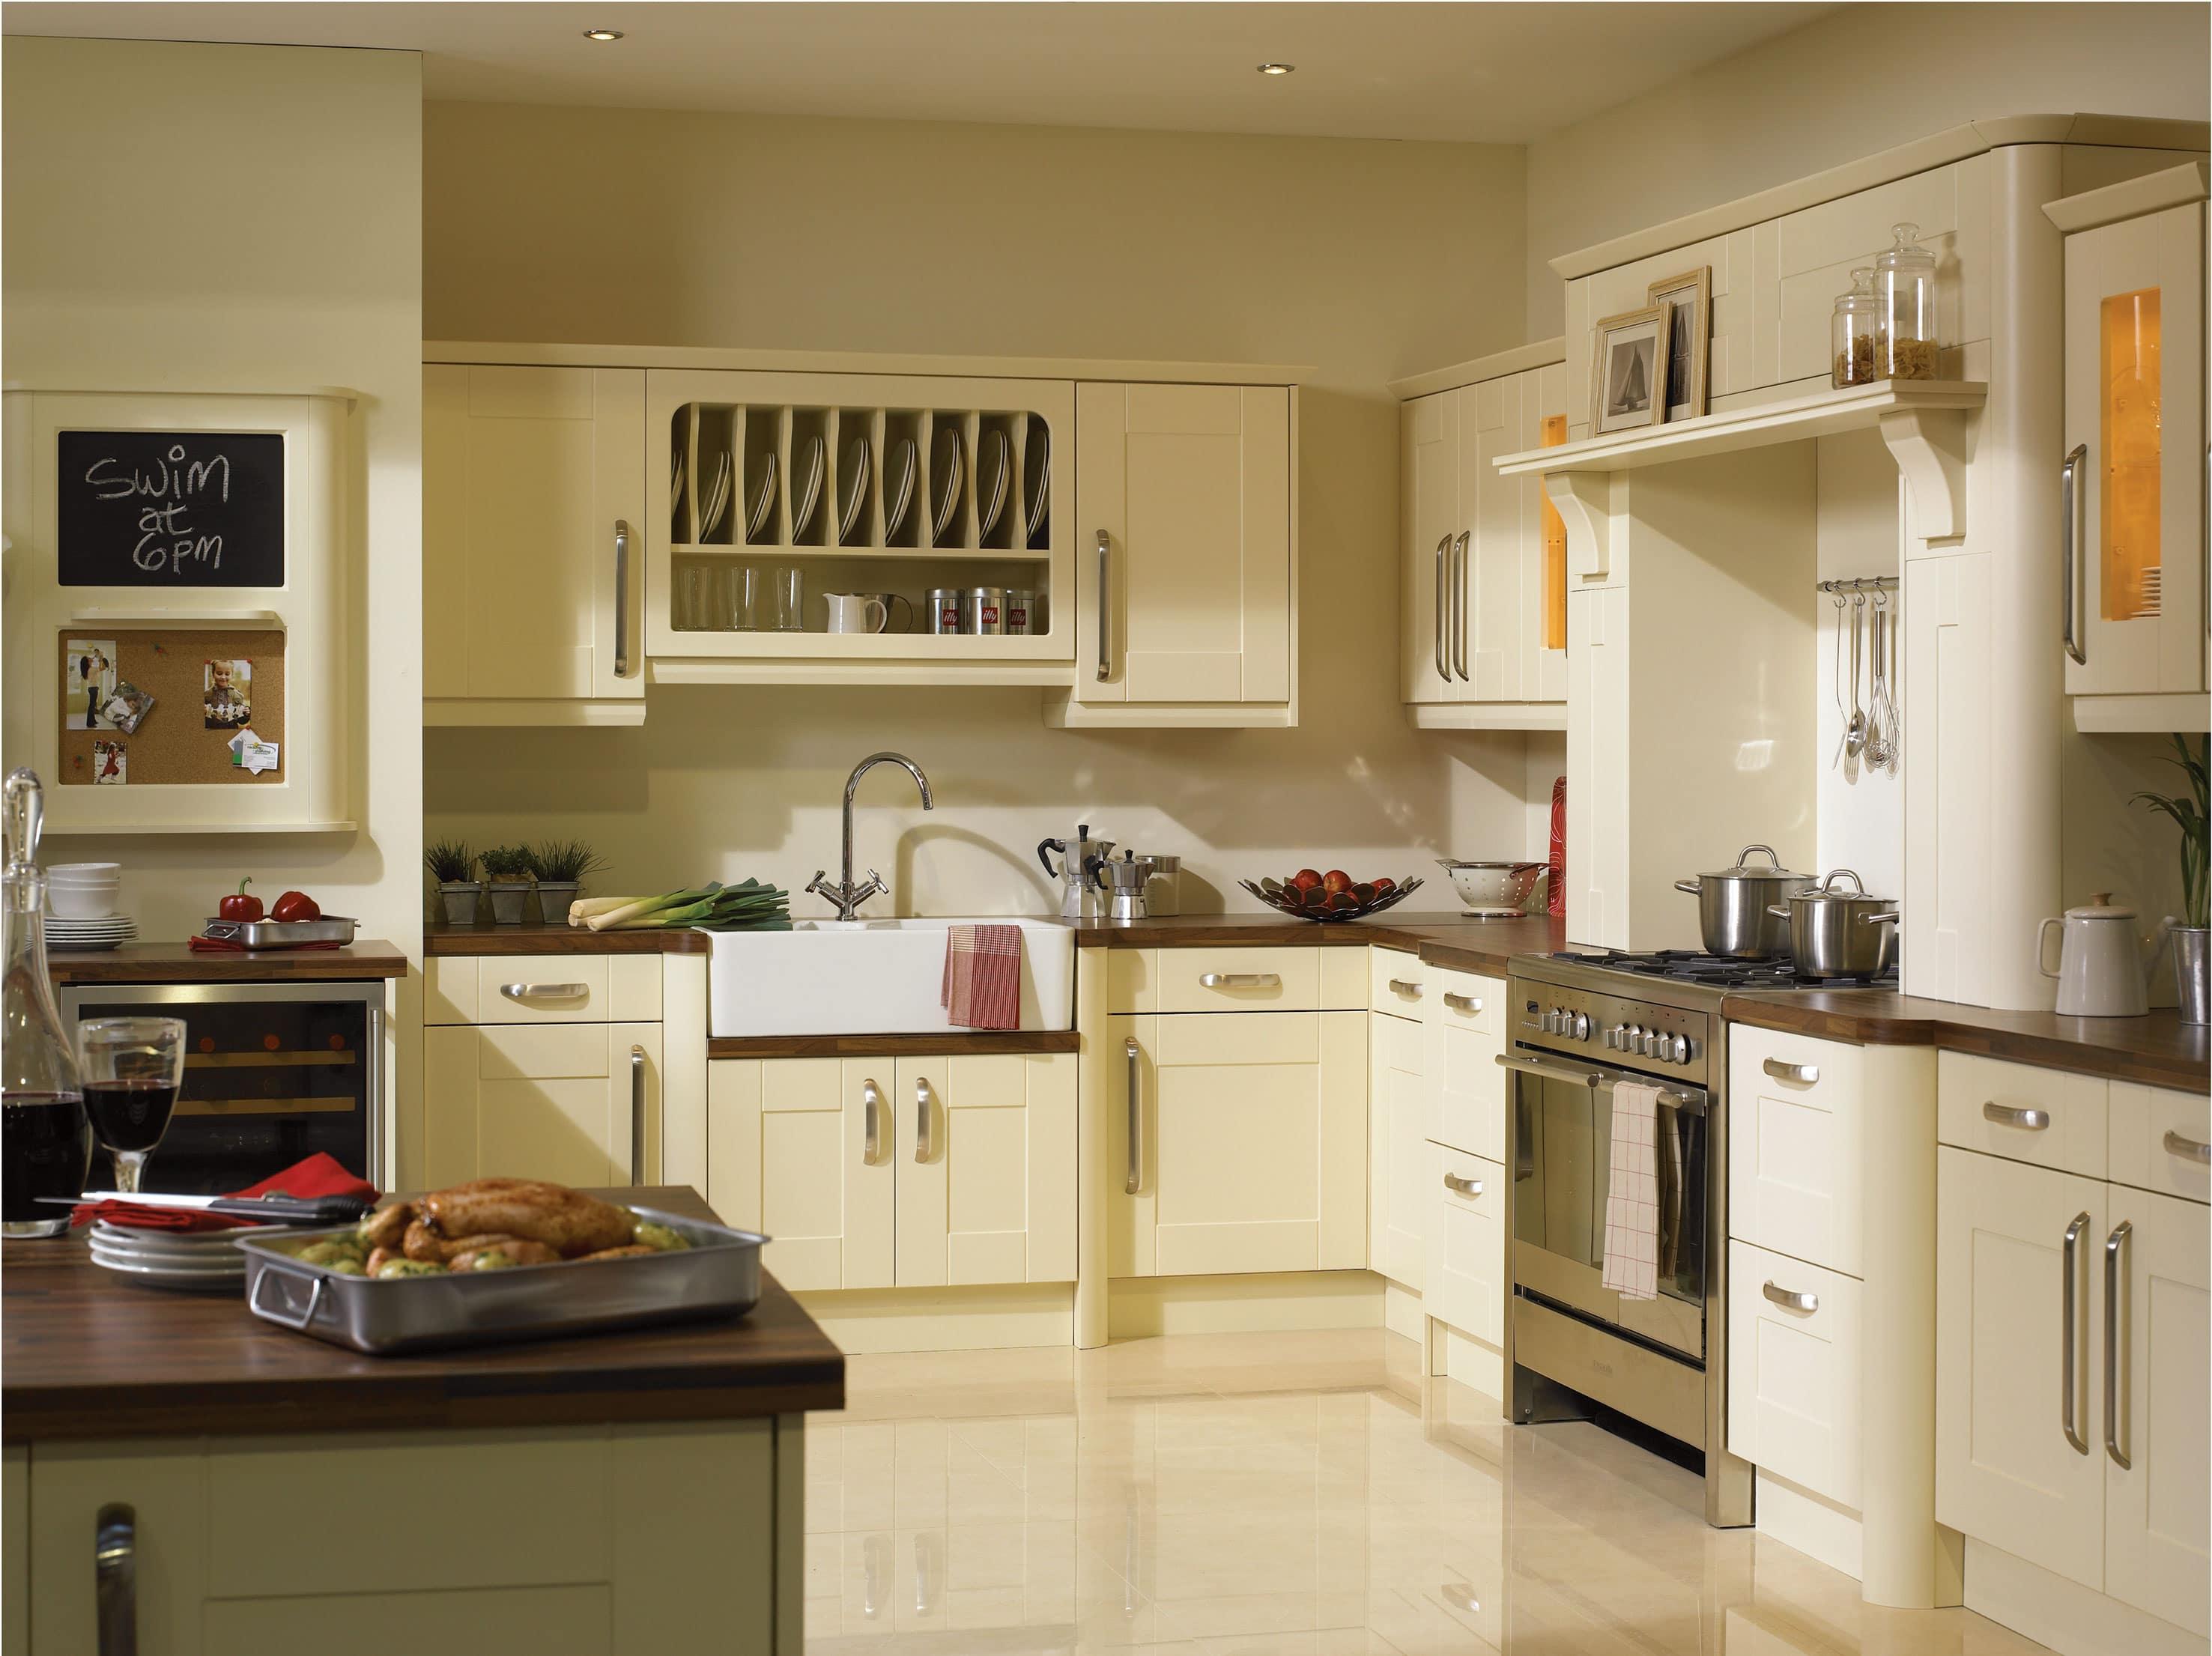 сможете набрать дизайн кухни ванильного цвета фото клещей